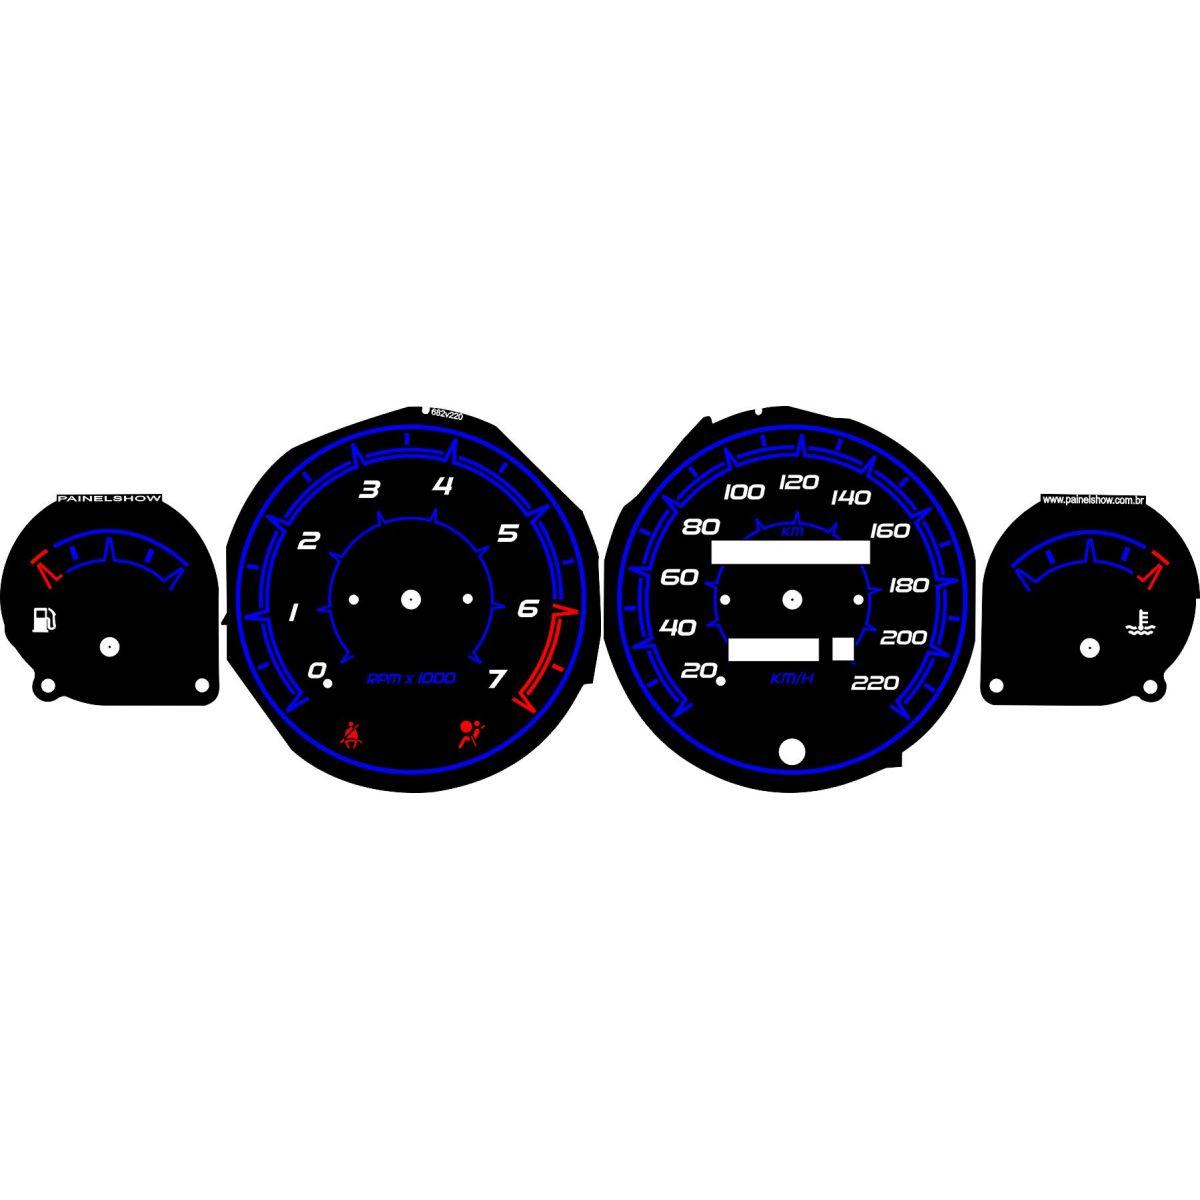 Kit Translúcido p/ Painel - Cod697v220 - Tigra Opel  - PAINEL SHOW TUNING - Personalização de Painéis de Carros e Motos